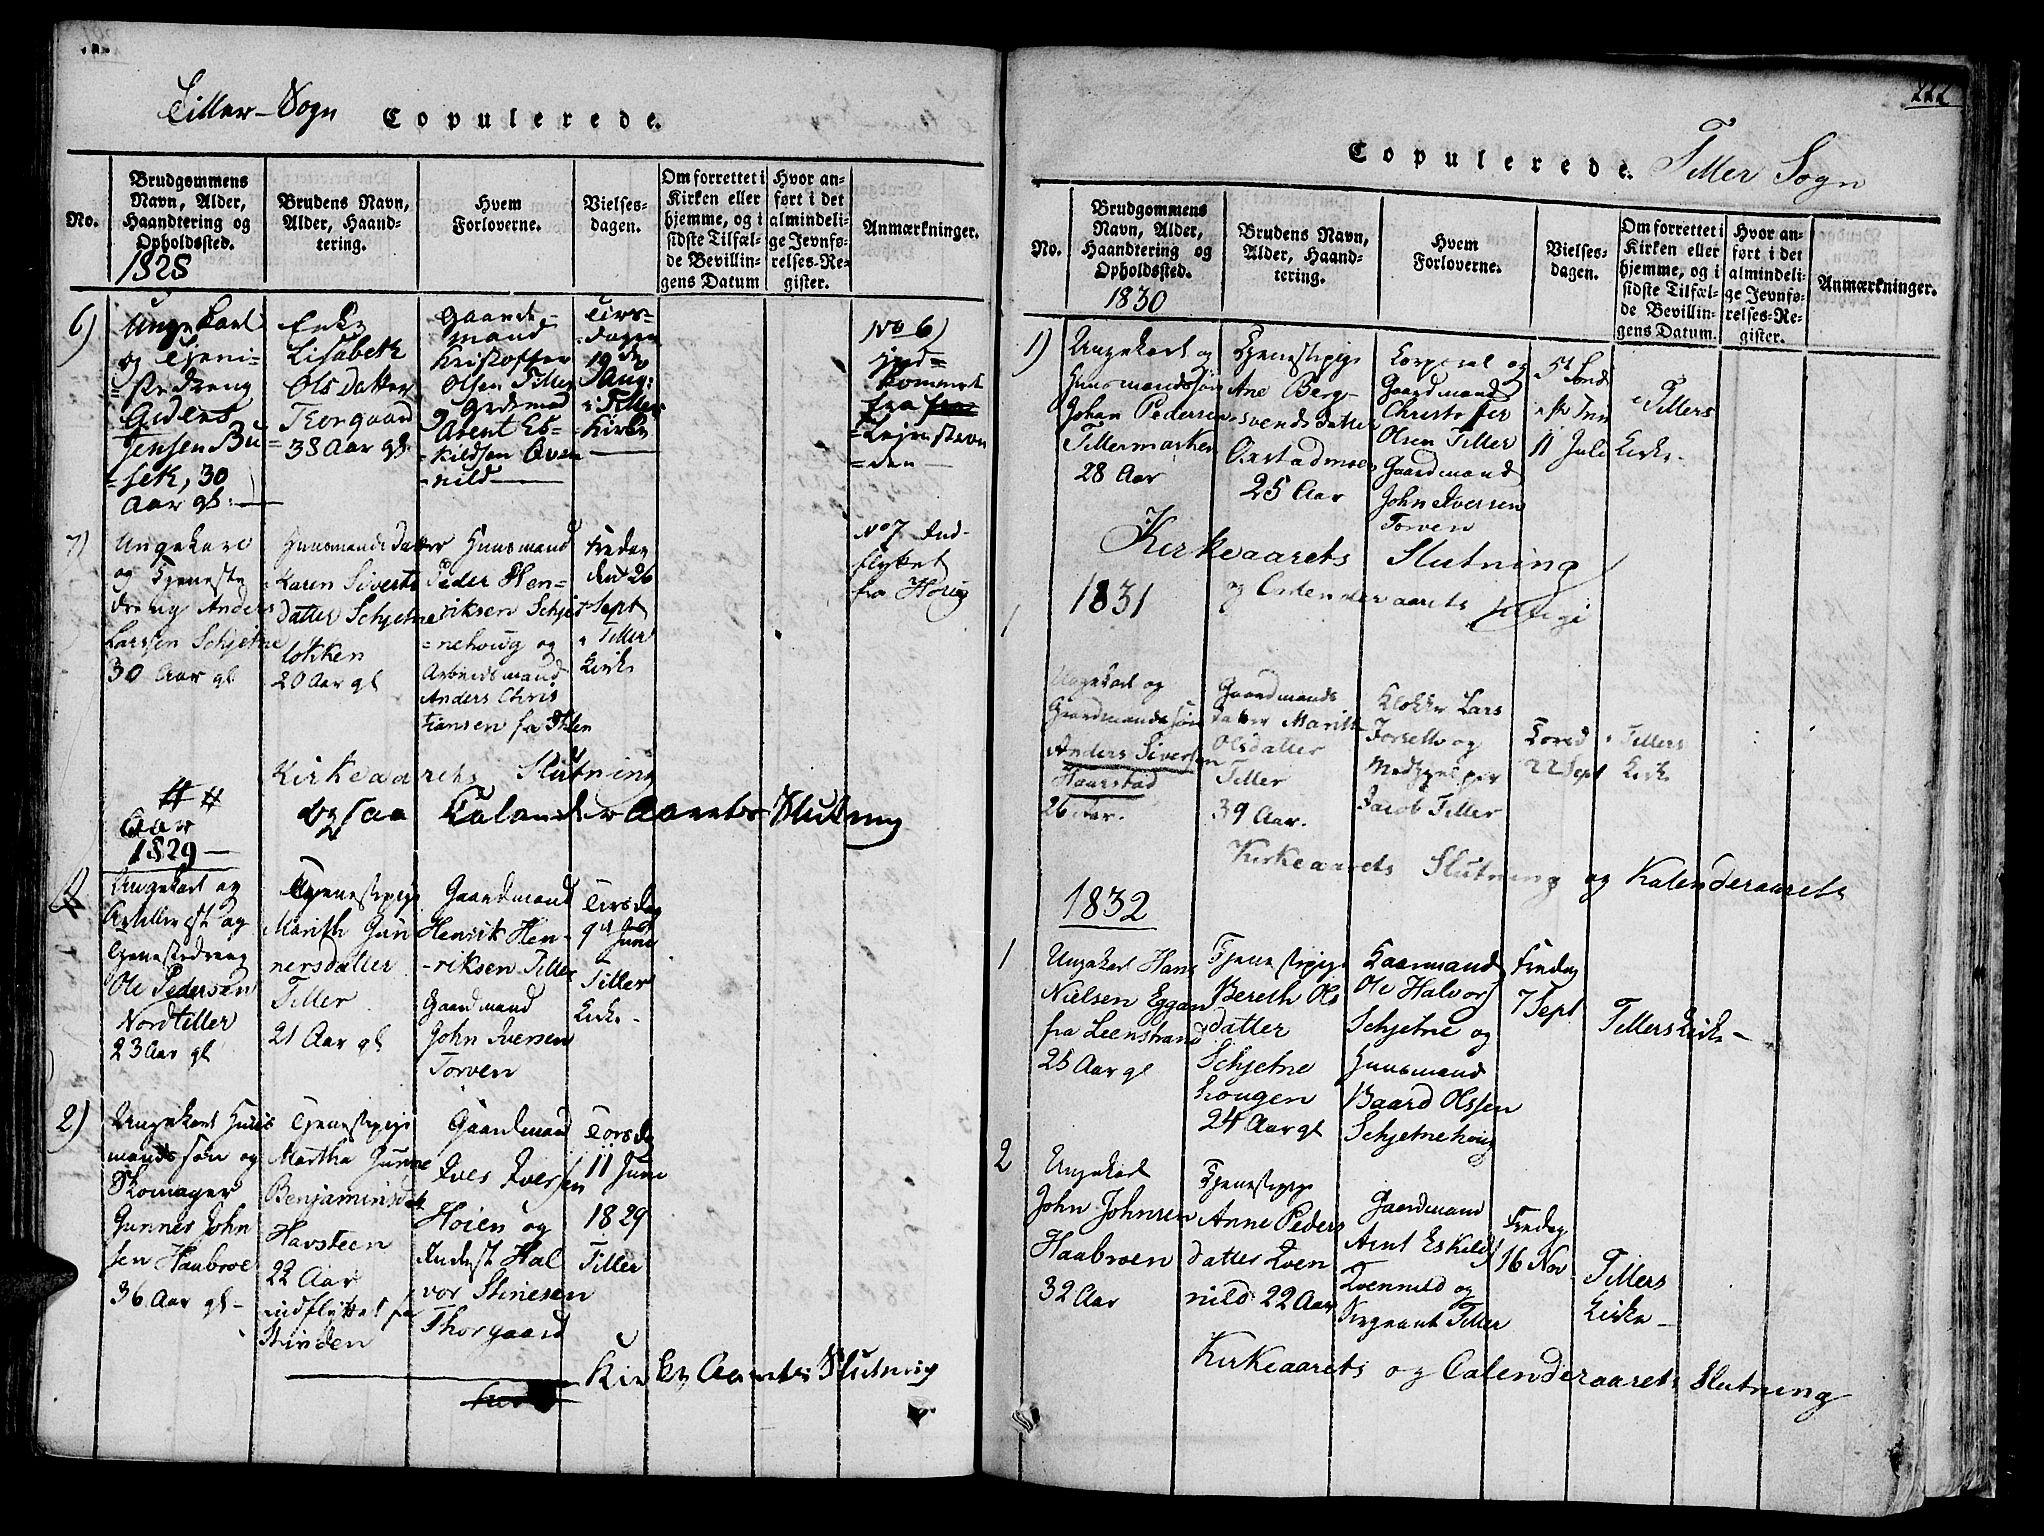 SAT, Ministerialprotokoller, klokkerbøker og fødselsregistre - Sør-Trøndelag, 618/L0440: Ministerialbok nr. 618A04 /2, 1816-1843, s. 222